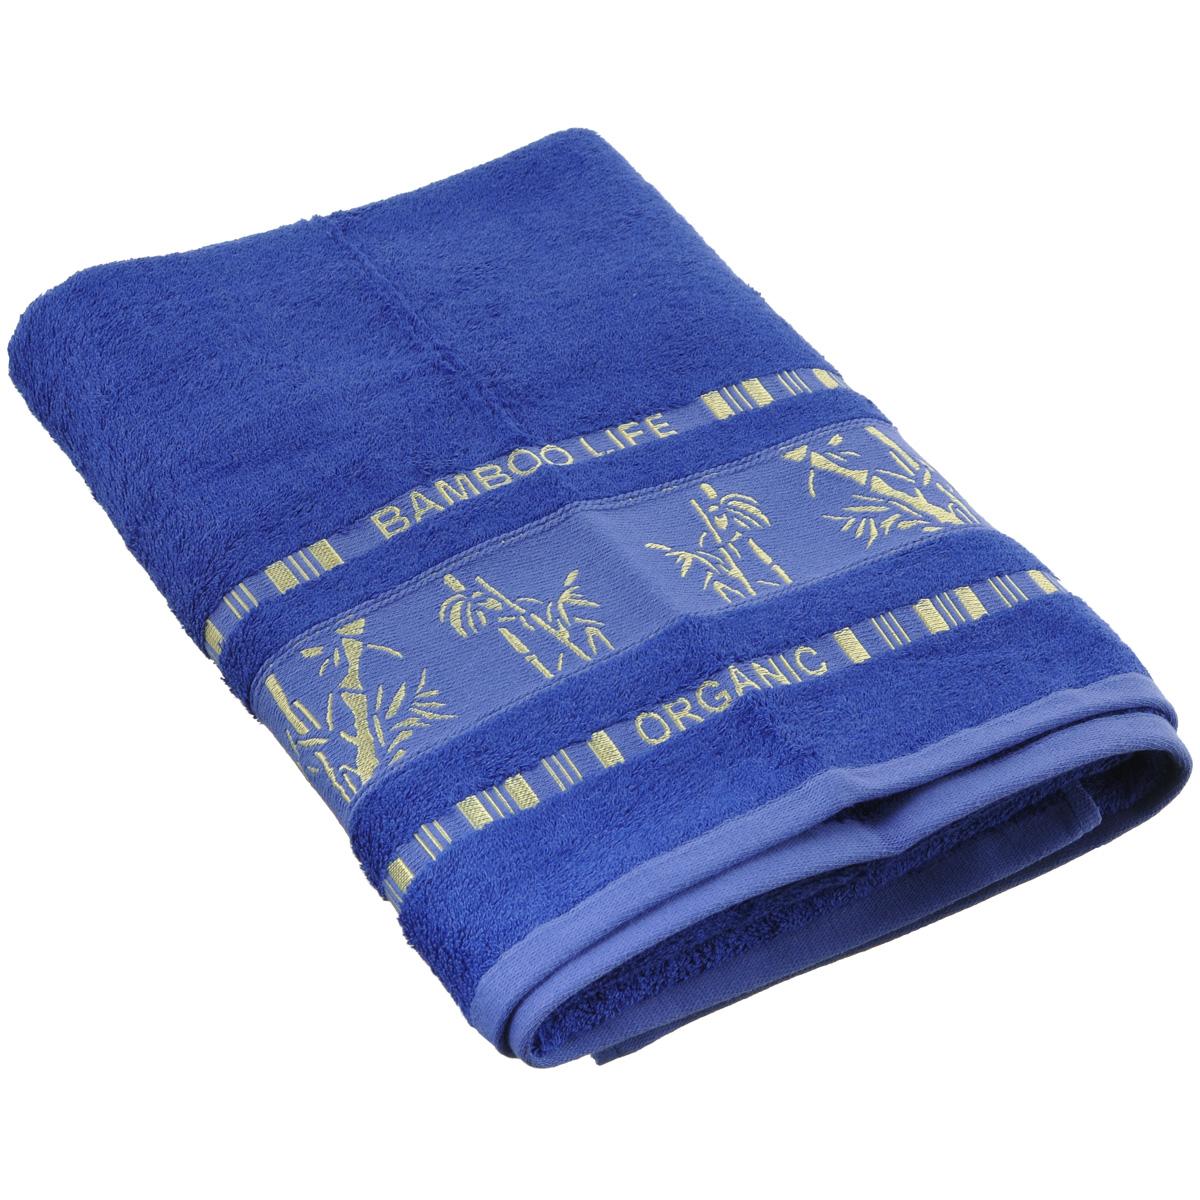 Полотенце Mariposa Bamboo, цвет: синий, 70 см х 140 см68/5/1Полотенце Mariposa Bamboo, изготовленное из 60% бамбука и 40% хлопка, подарит массу положительных эмоций и приятных ощущений.Полотенца из бамбука только издали похожи на обычные. На самом деле, при первом же прикосновении вы ощутите невероятную мягкость и шелковистость. Таким полотенцем не нужно вытираться - только коснитесь кожи - и ткань сама все впитает! Несмотря на богатую плотность и высокую петлю полотенца, оно быстро сохнет, остается легким даже при намокании.Полотенце оформлено изображением бамбука. Благородный тон создает уют и подчеркивает лучшие качества махровой ткани. Полотенце Mariposa Bamboo станет достойным выбором для вас и приятным подарком для ваших близких.Размер полотенца: 70 см х 140 см.